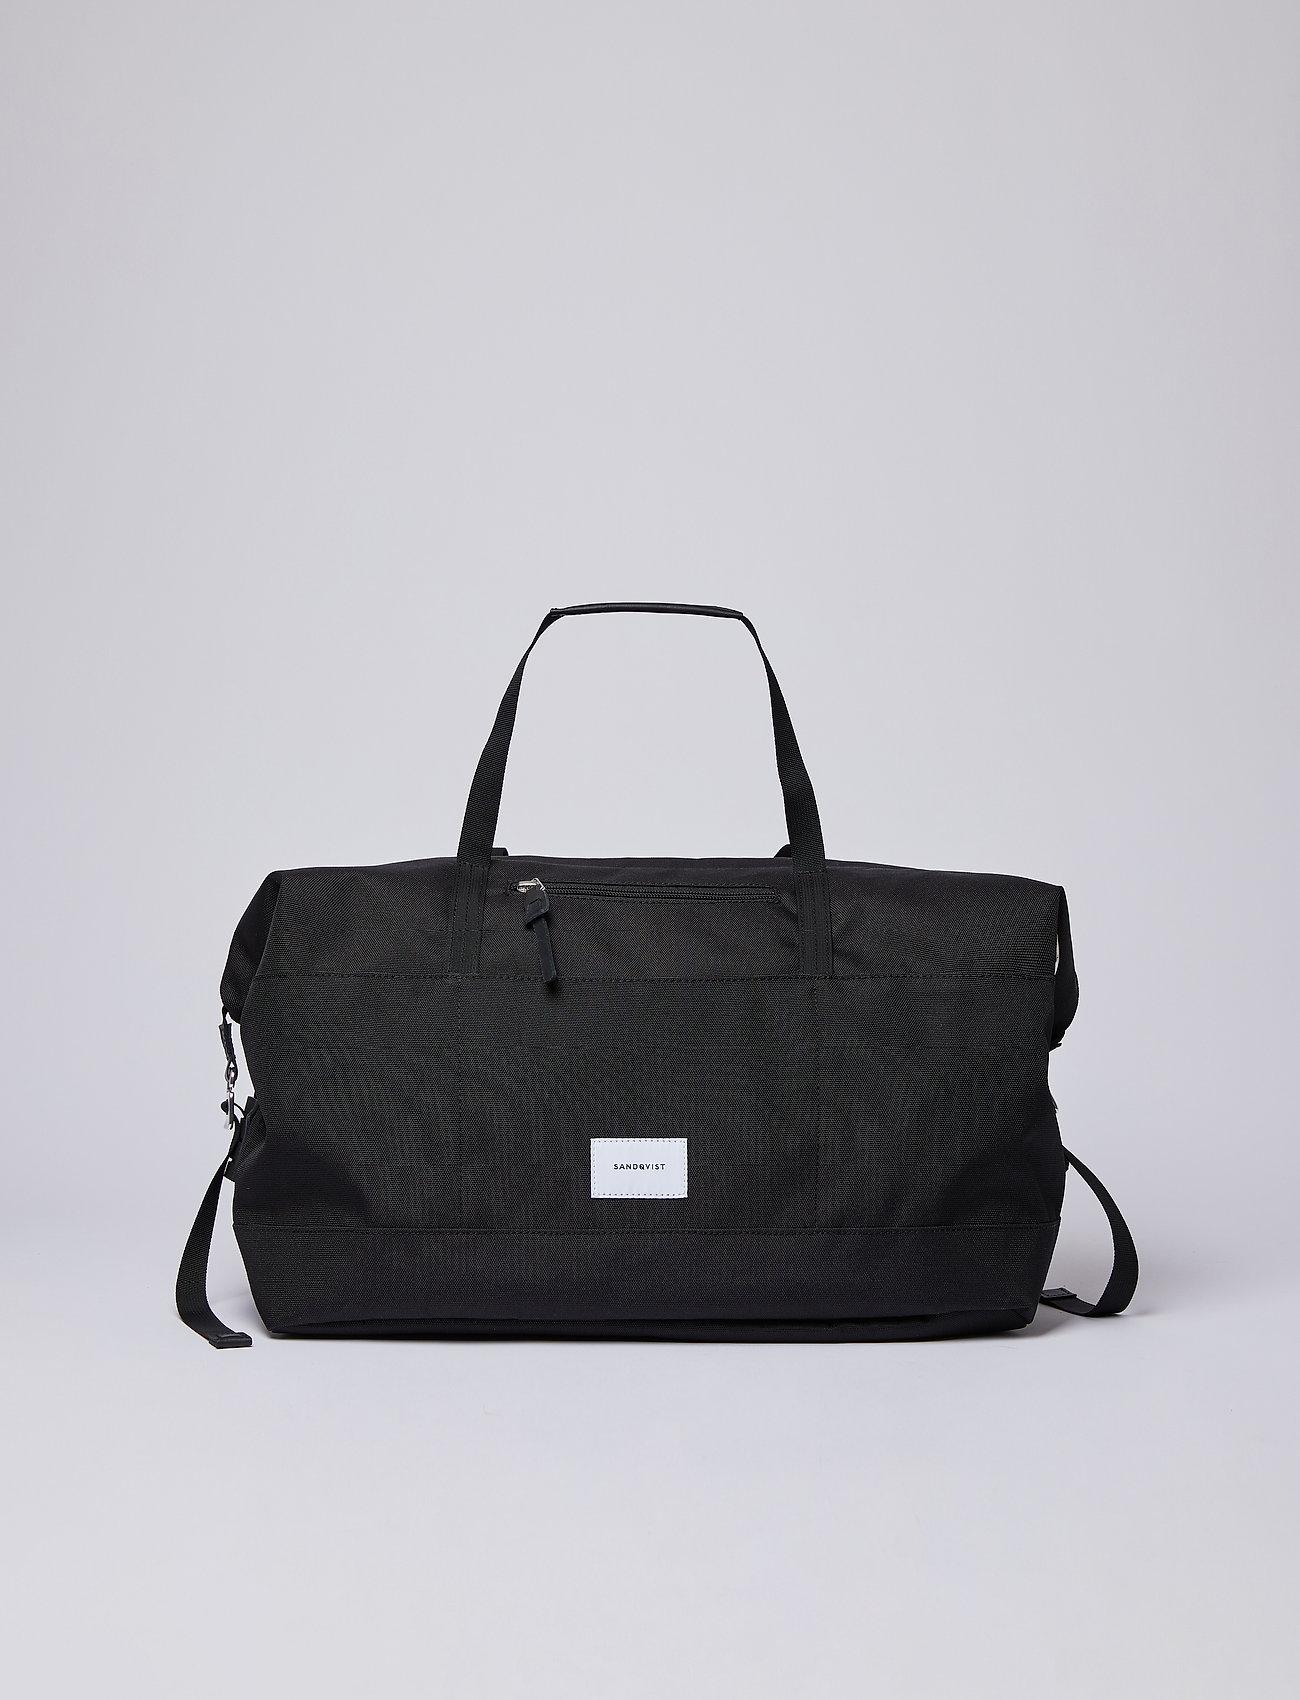 SANDQVIST - MILTON - treenikassit - black with black leather - 0